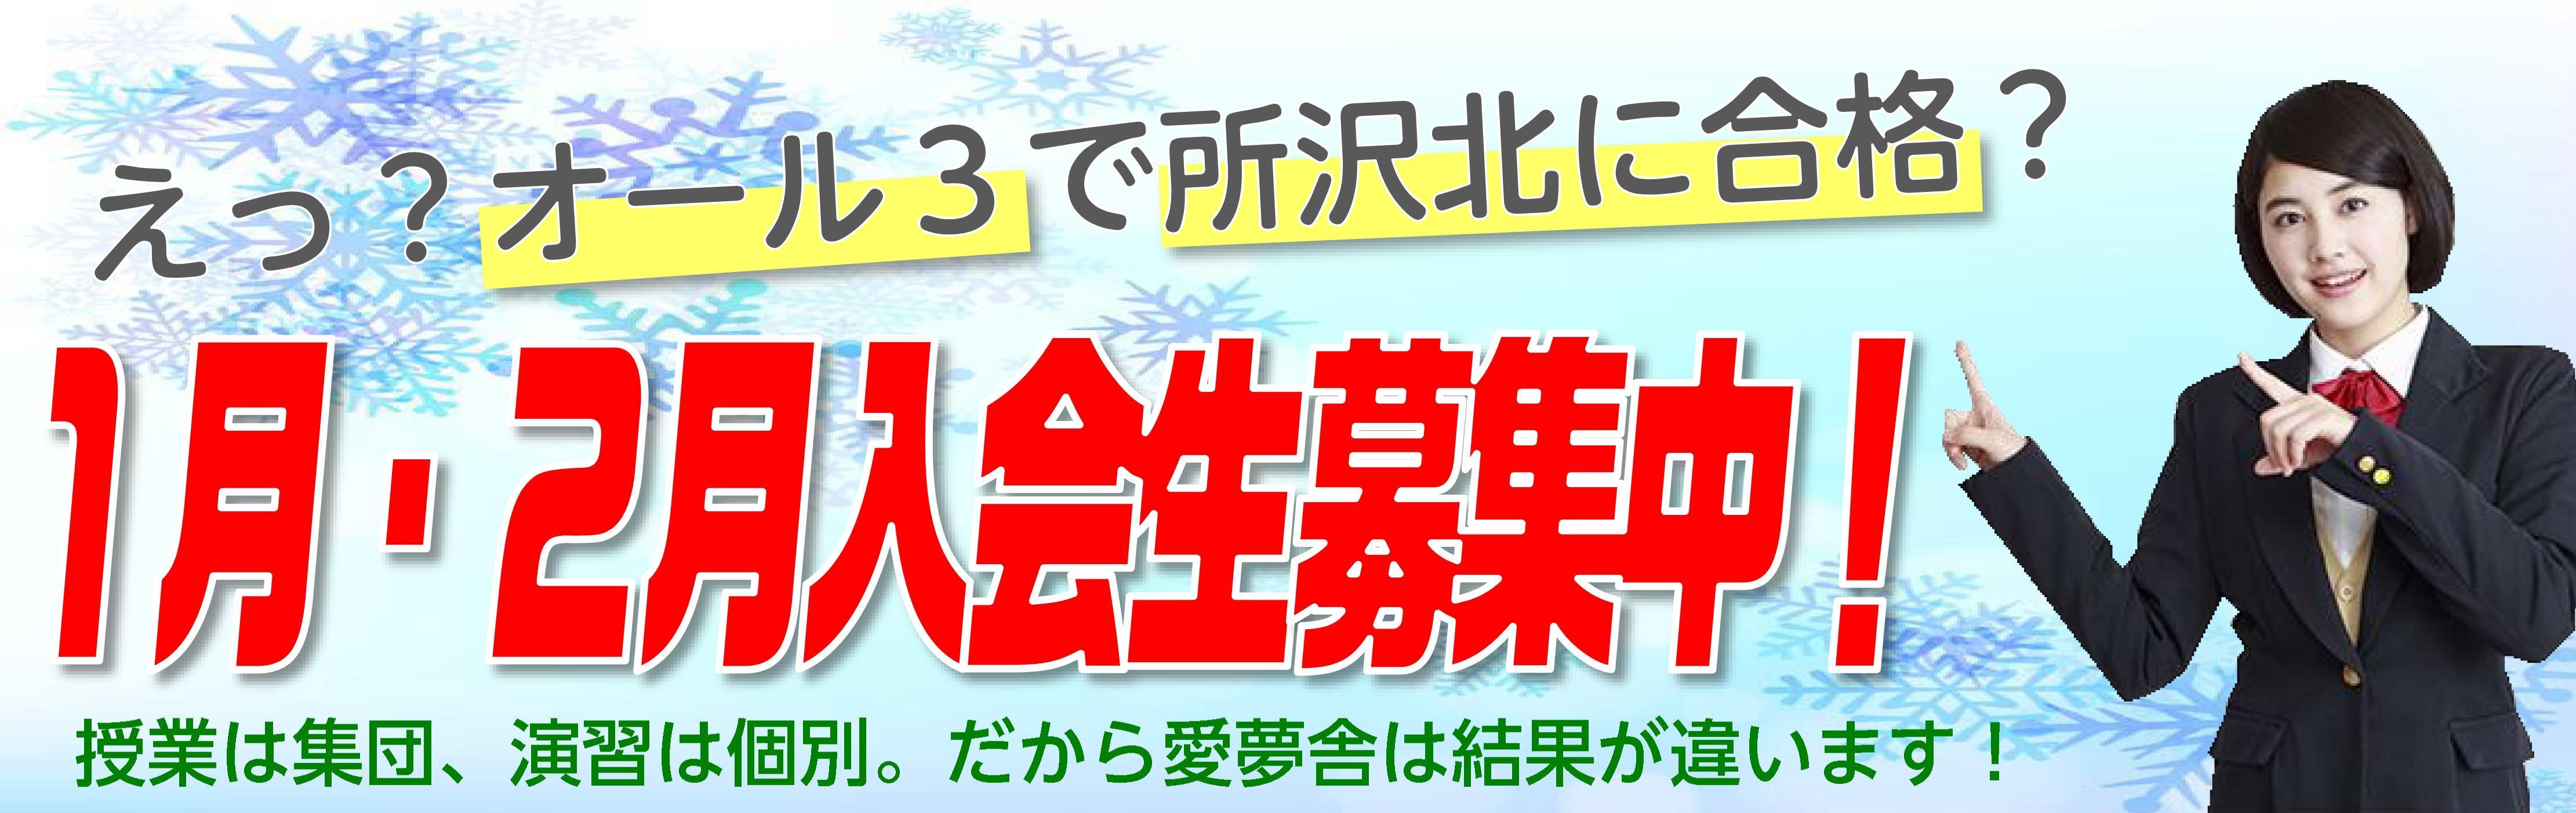 えっ?オール3で所沢北に合格? 1月・2月入会生募集中!